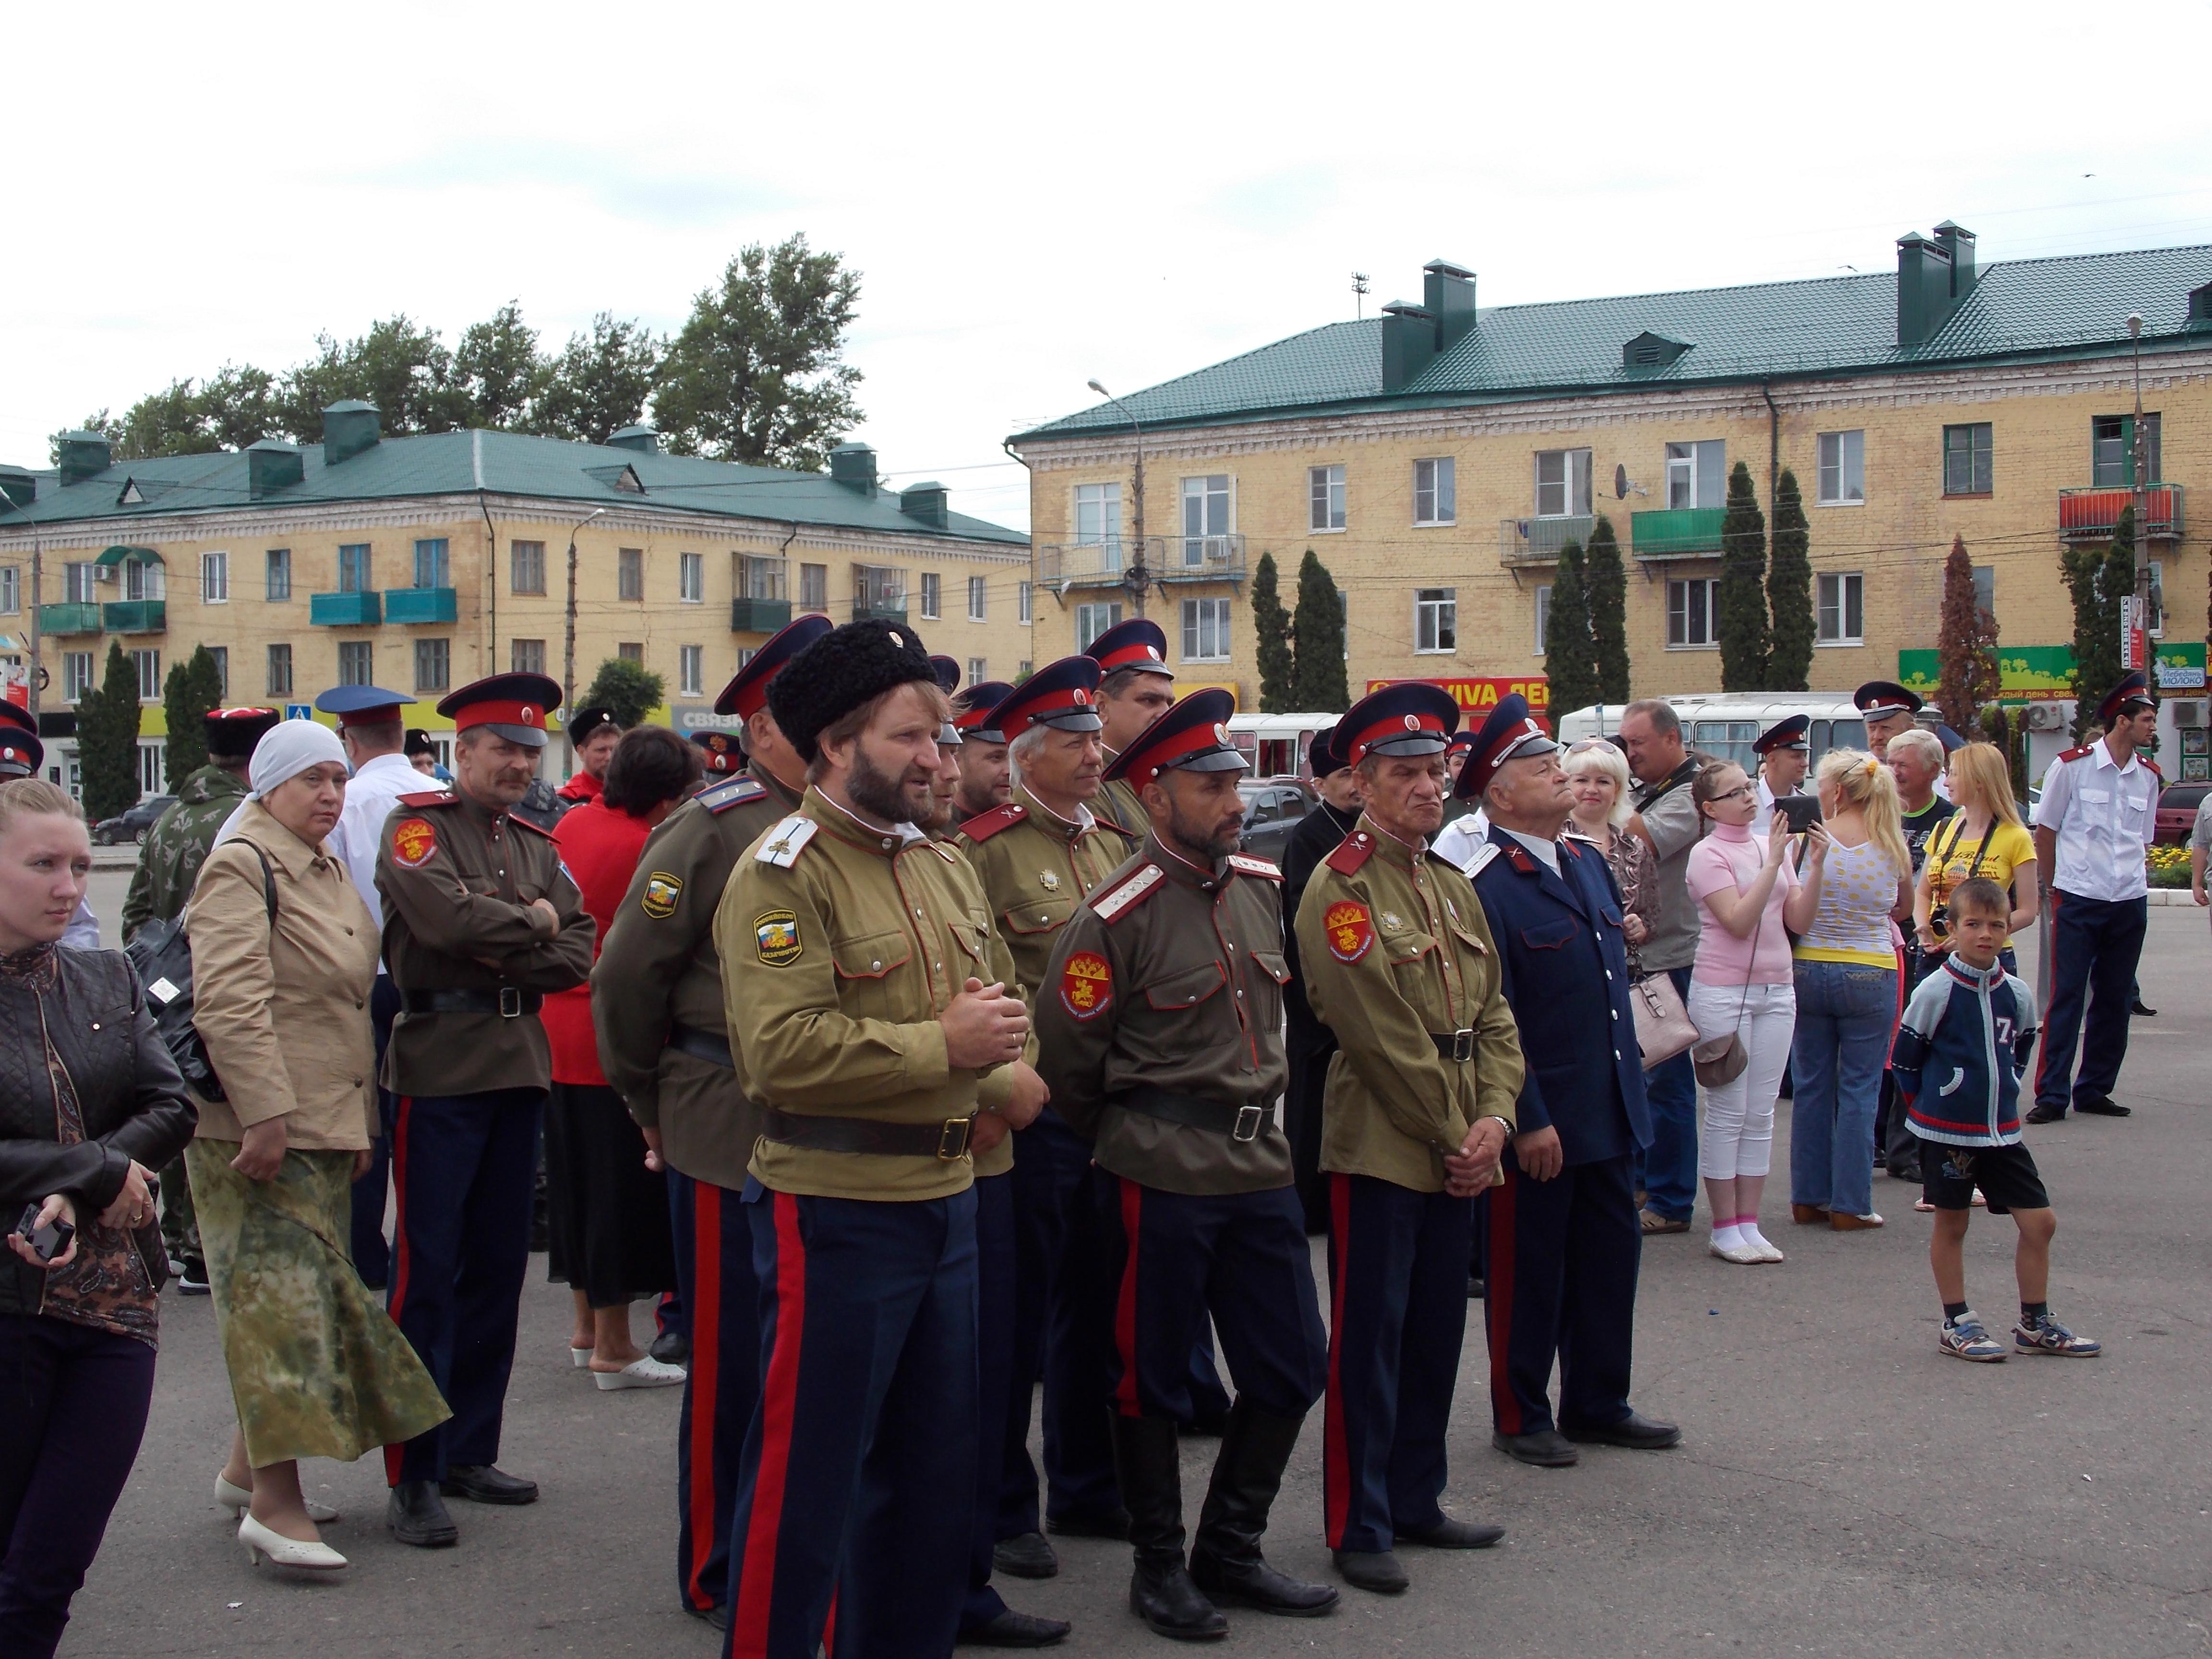 31 мая 2014г. г.Мценск. Строевой смотр казачьих подразделений.